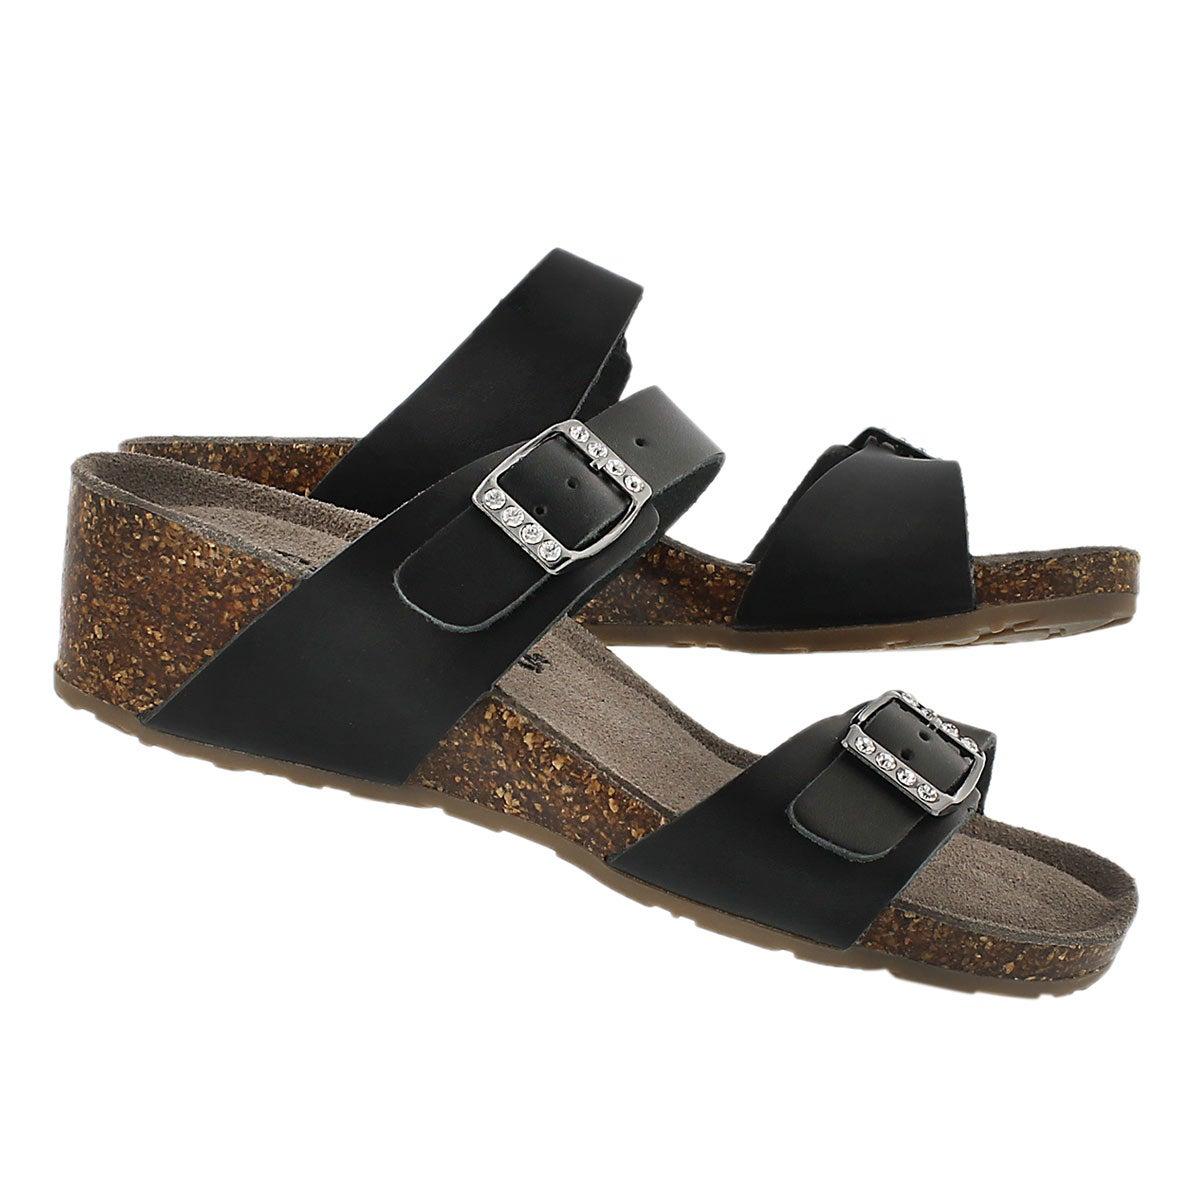 Lds Ashlynn 2 black memory foam sandal